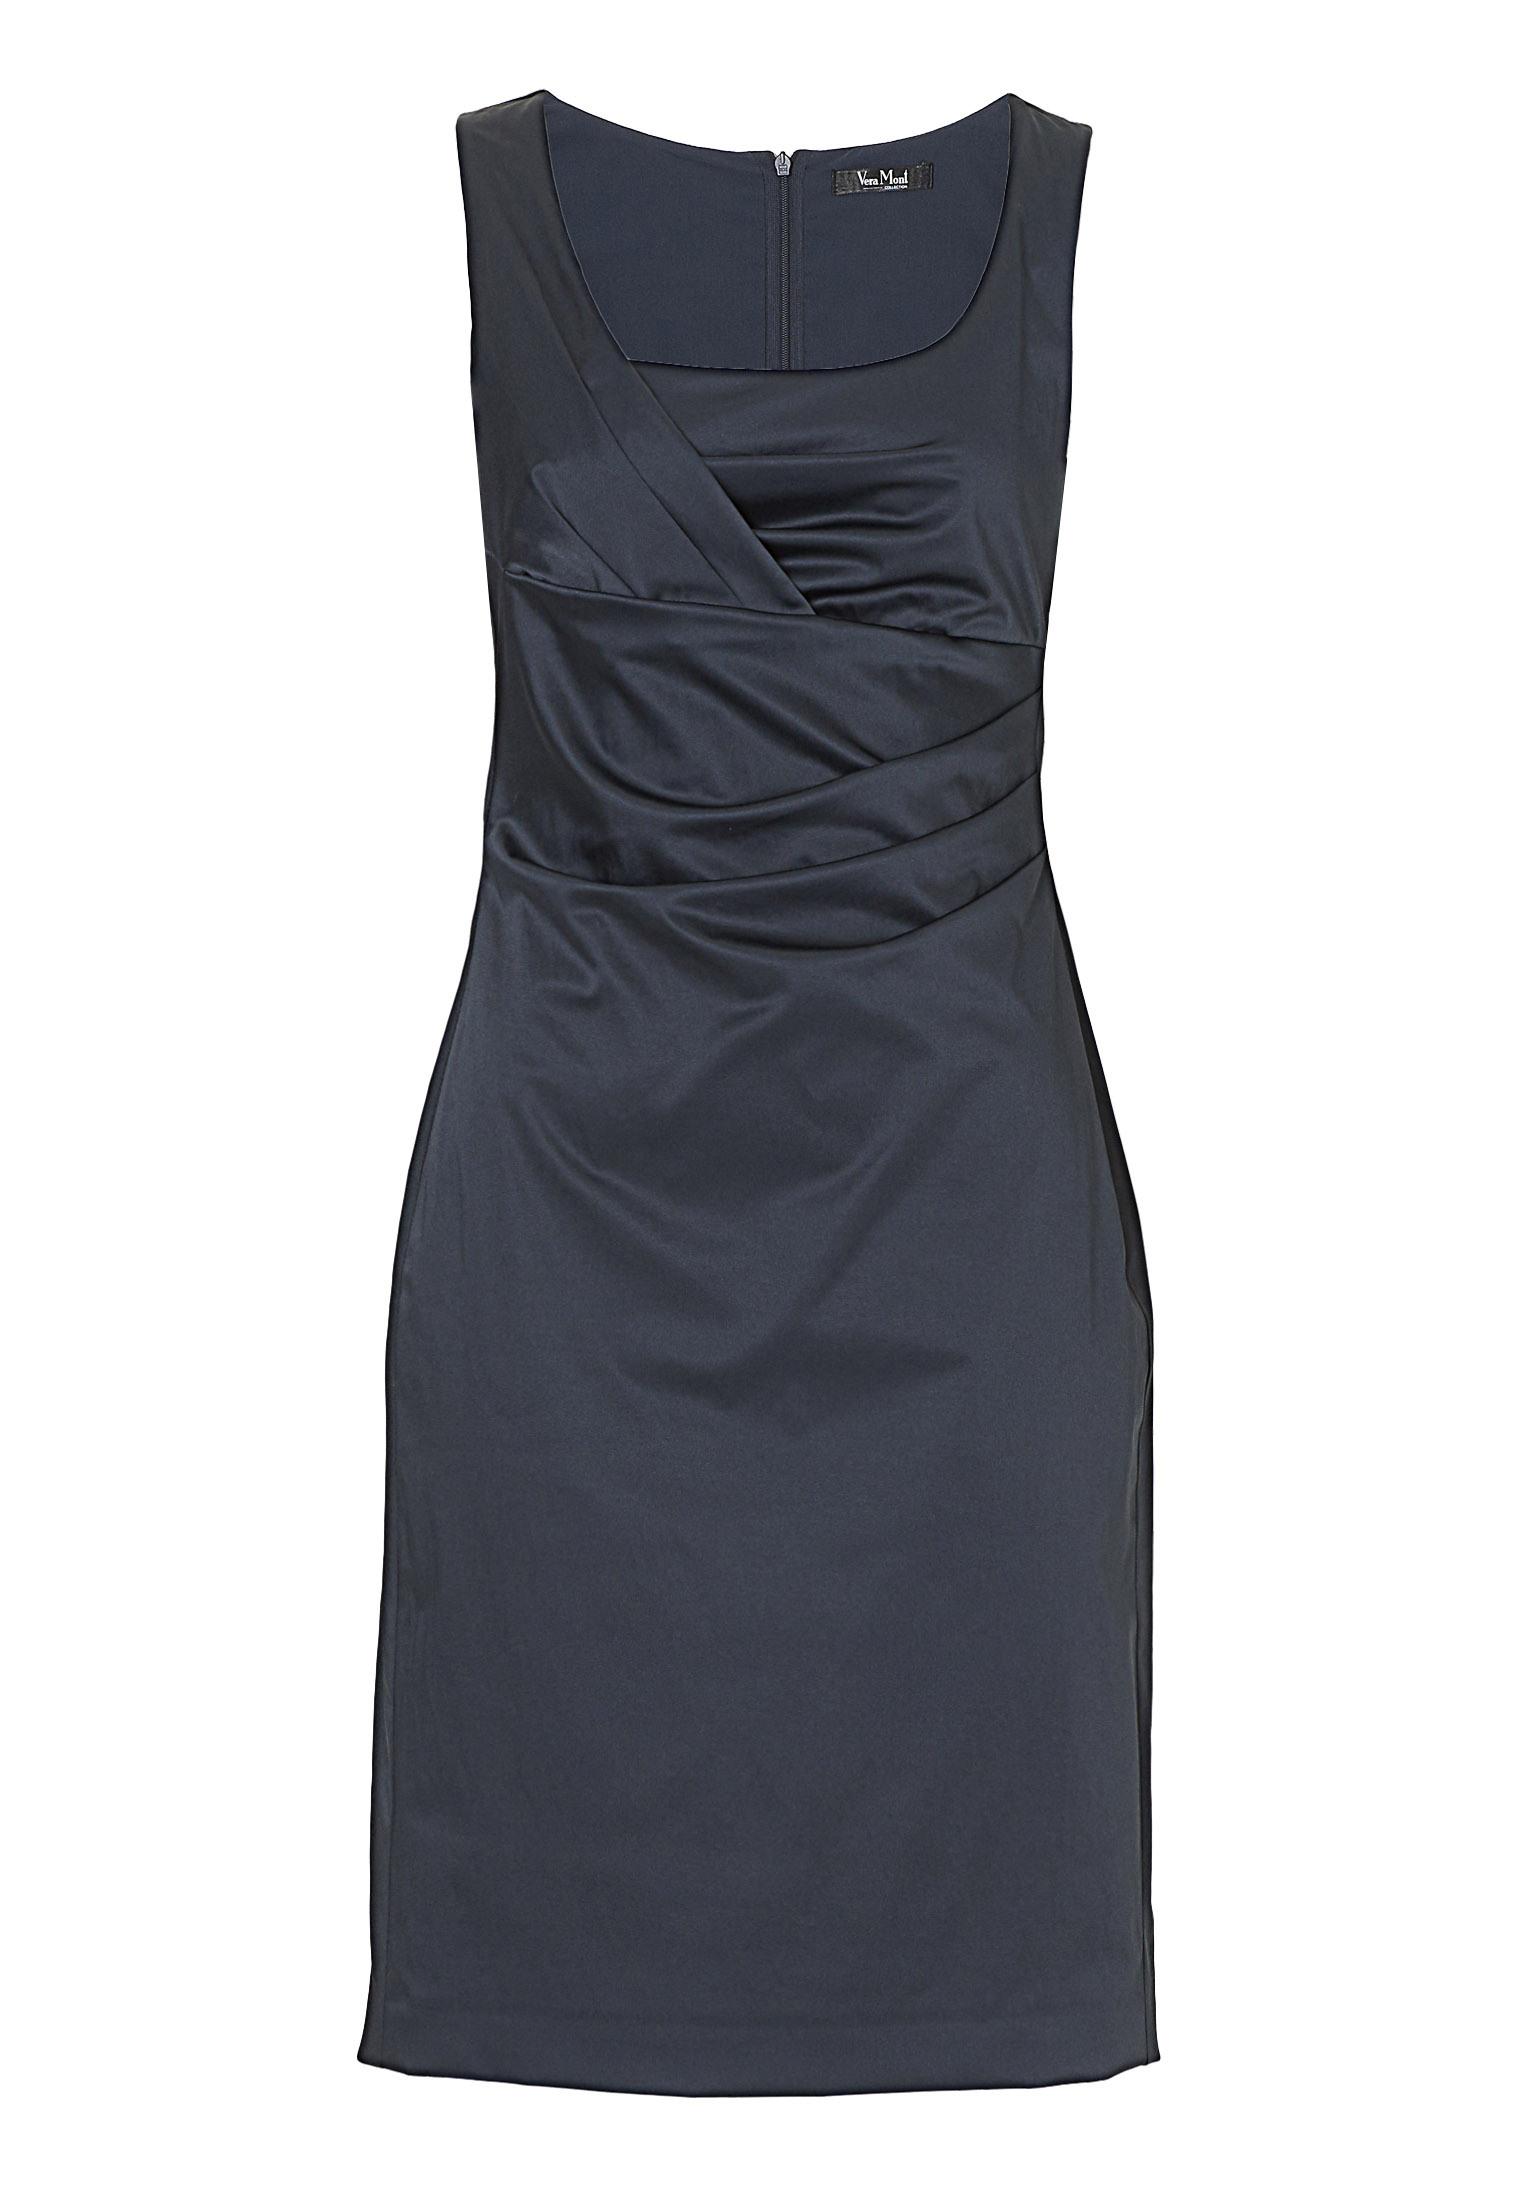 Genial Kleid Nachtblau StylishAbend Schön Kleid Nachtblau Boutique